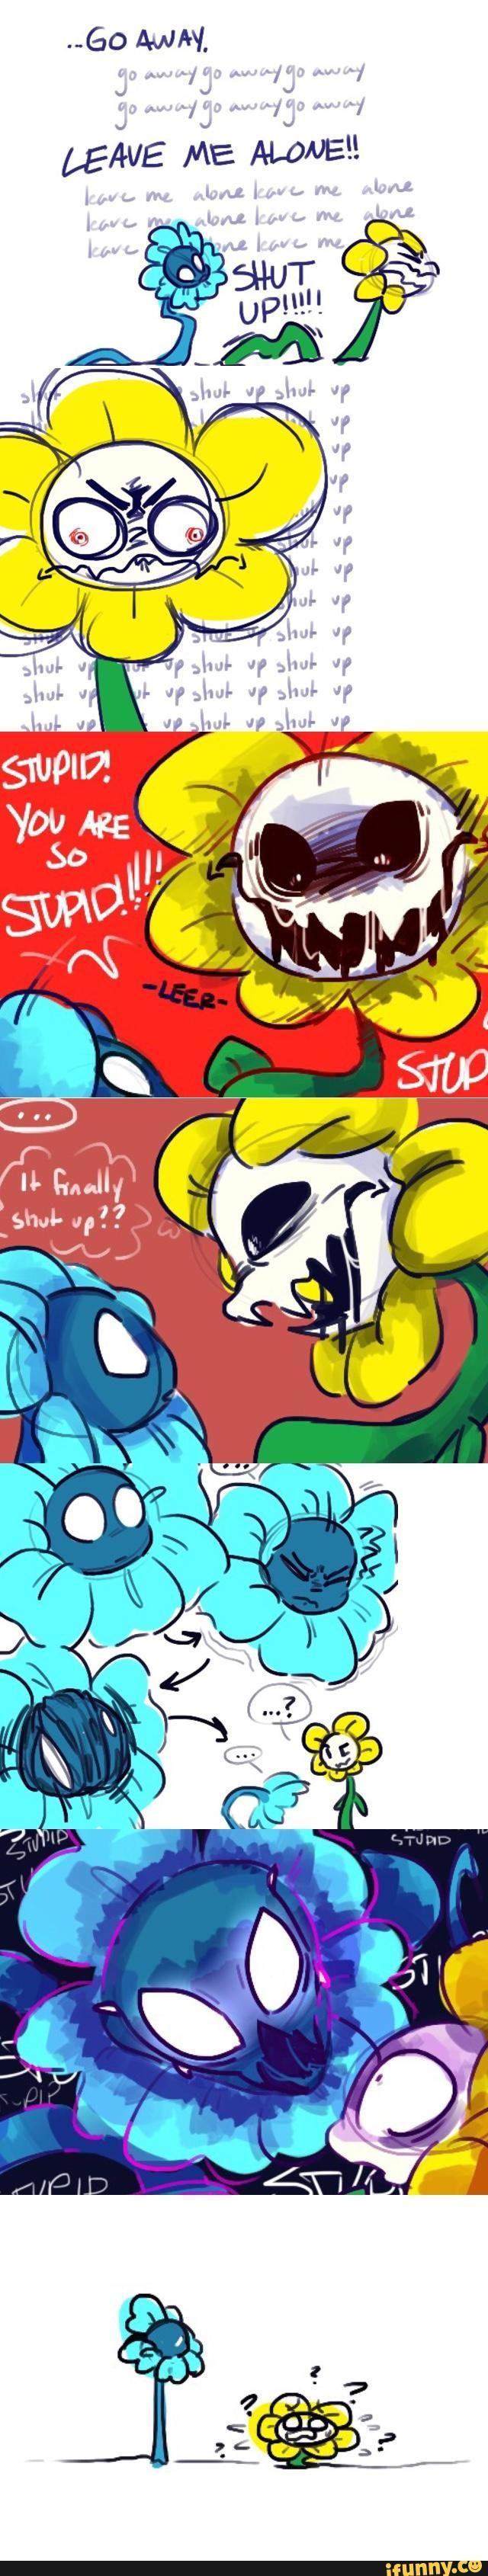 Flowey : ...Dégage. L'Echo Flower répète sa phrase Flowey : LAISSE-MOI TRANQUILLE !! L'Echo Flower répète de nouveau ce que dit Flowey Flowey : LA FERME !!!!! L'Echo Flower répète encore sa phrase Flowey : STUPIDE ! TU EST SI STUPIDE !!!!! L'Echo Flower ne dis plus rien. Flowey : Il s'est arrêté finalement... (Je sais pas vraiment si c'est ça désolé) L'Echo Flower transforme son visage en quelque chose d'effrayant et répéte STUPIDE ! A plusieurs reprises. Flowey est confus et effrayé.